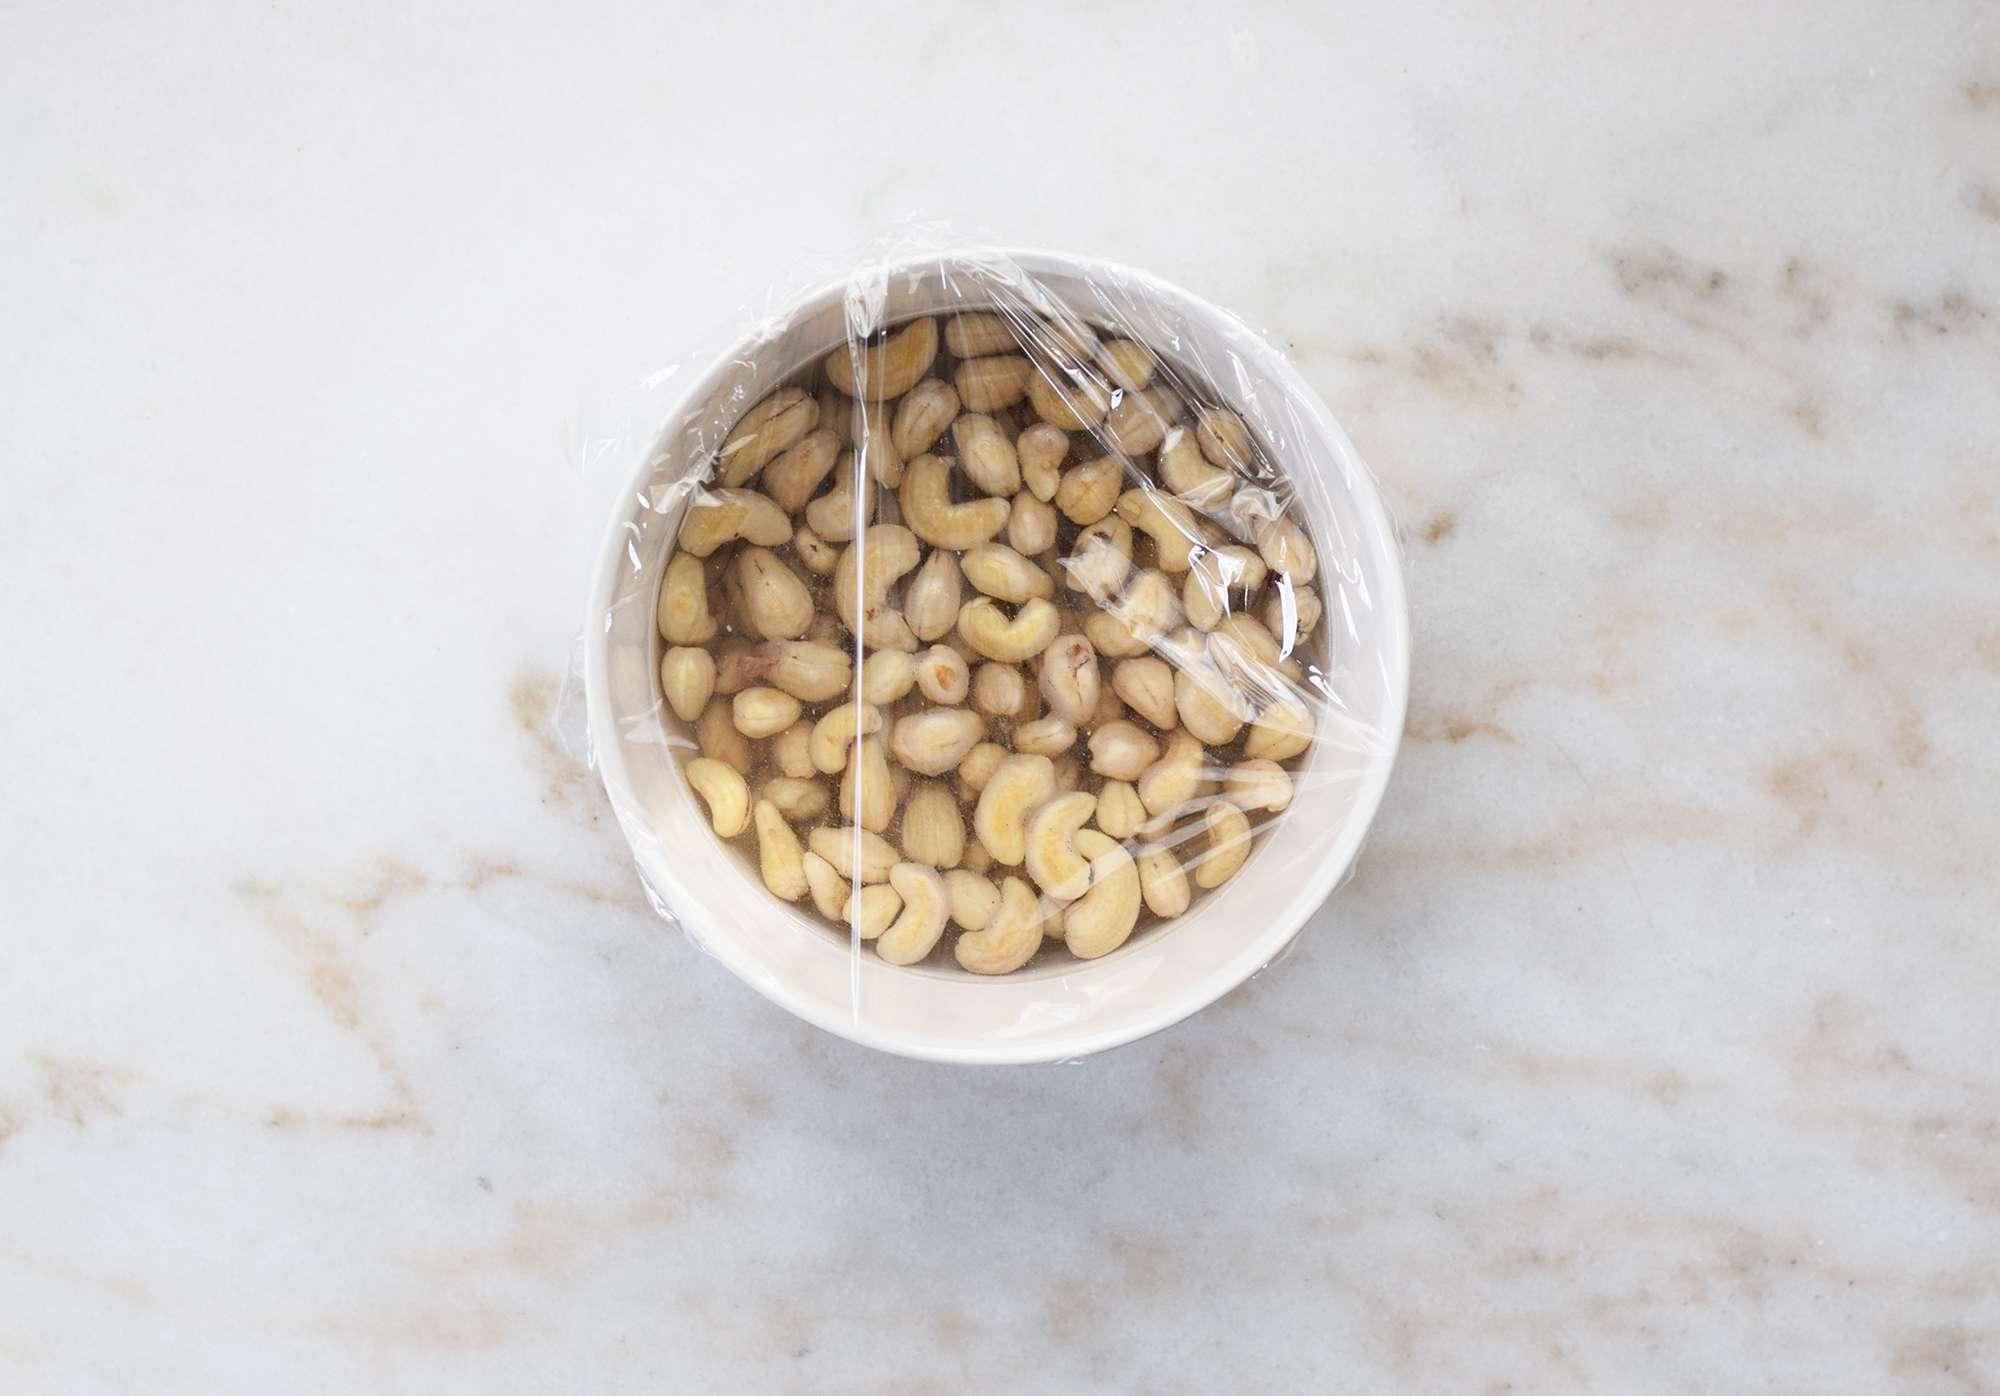 cashew nuts soaking in water